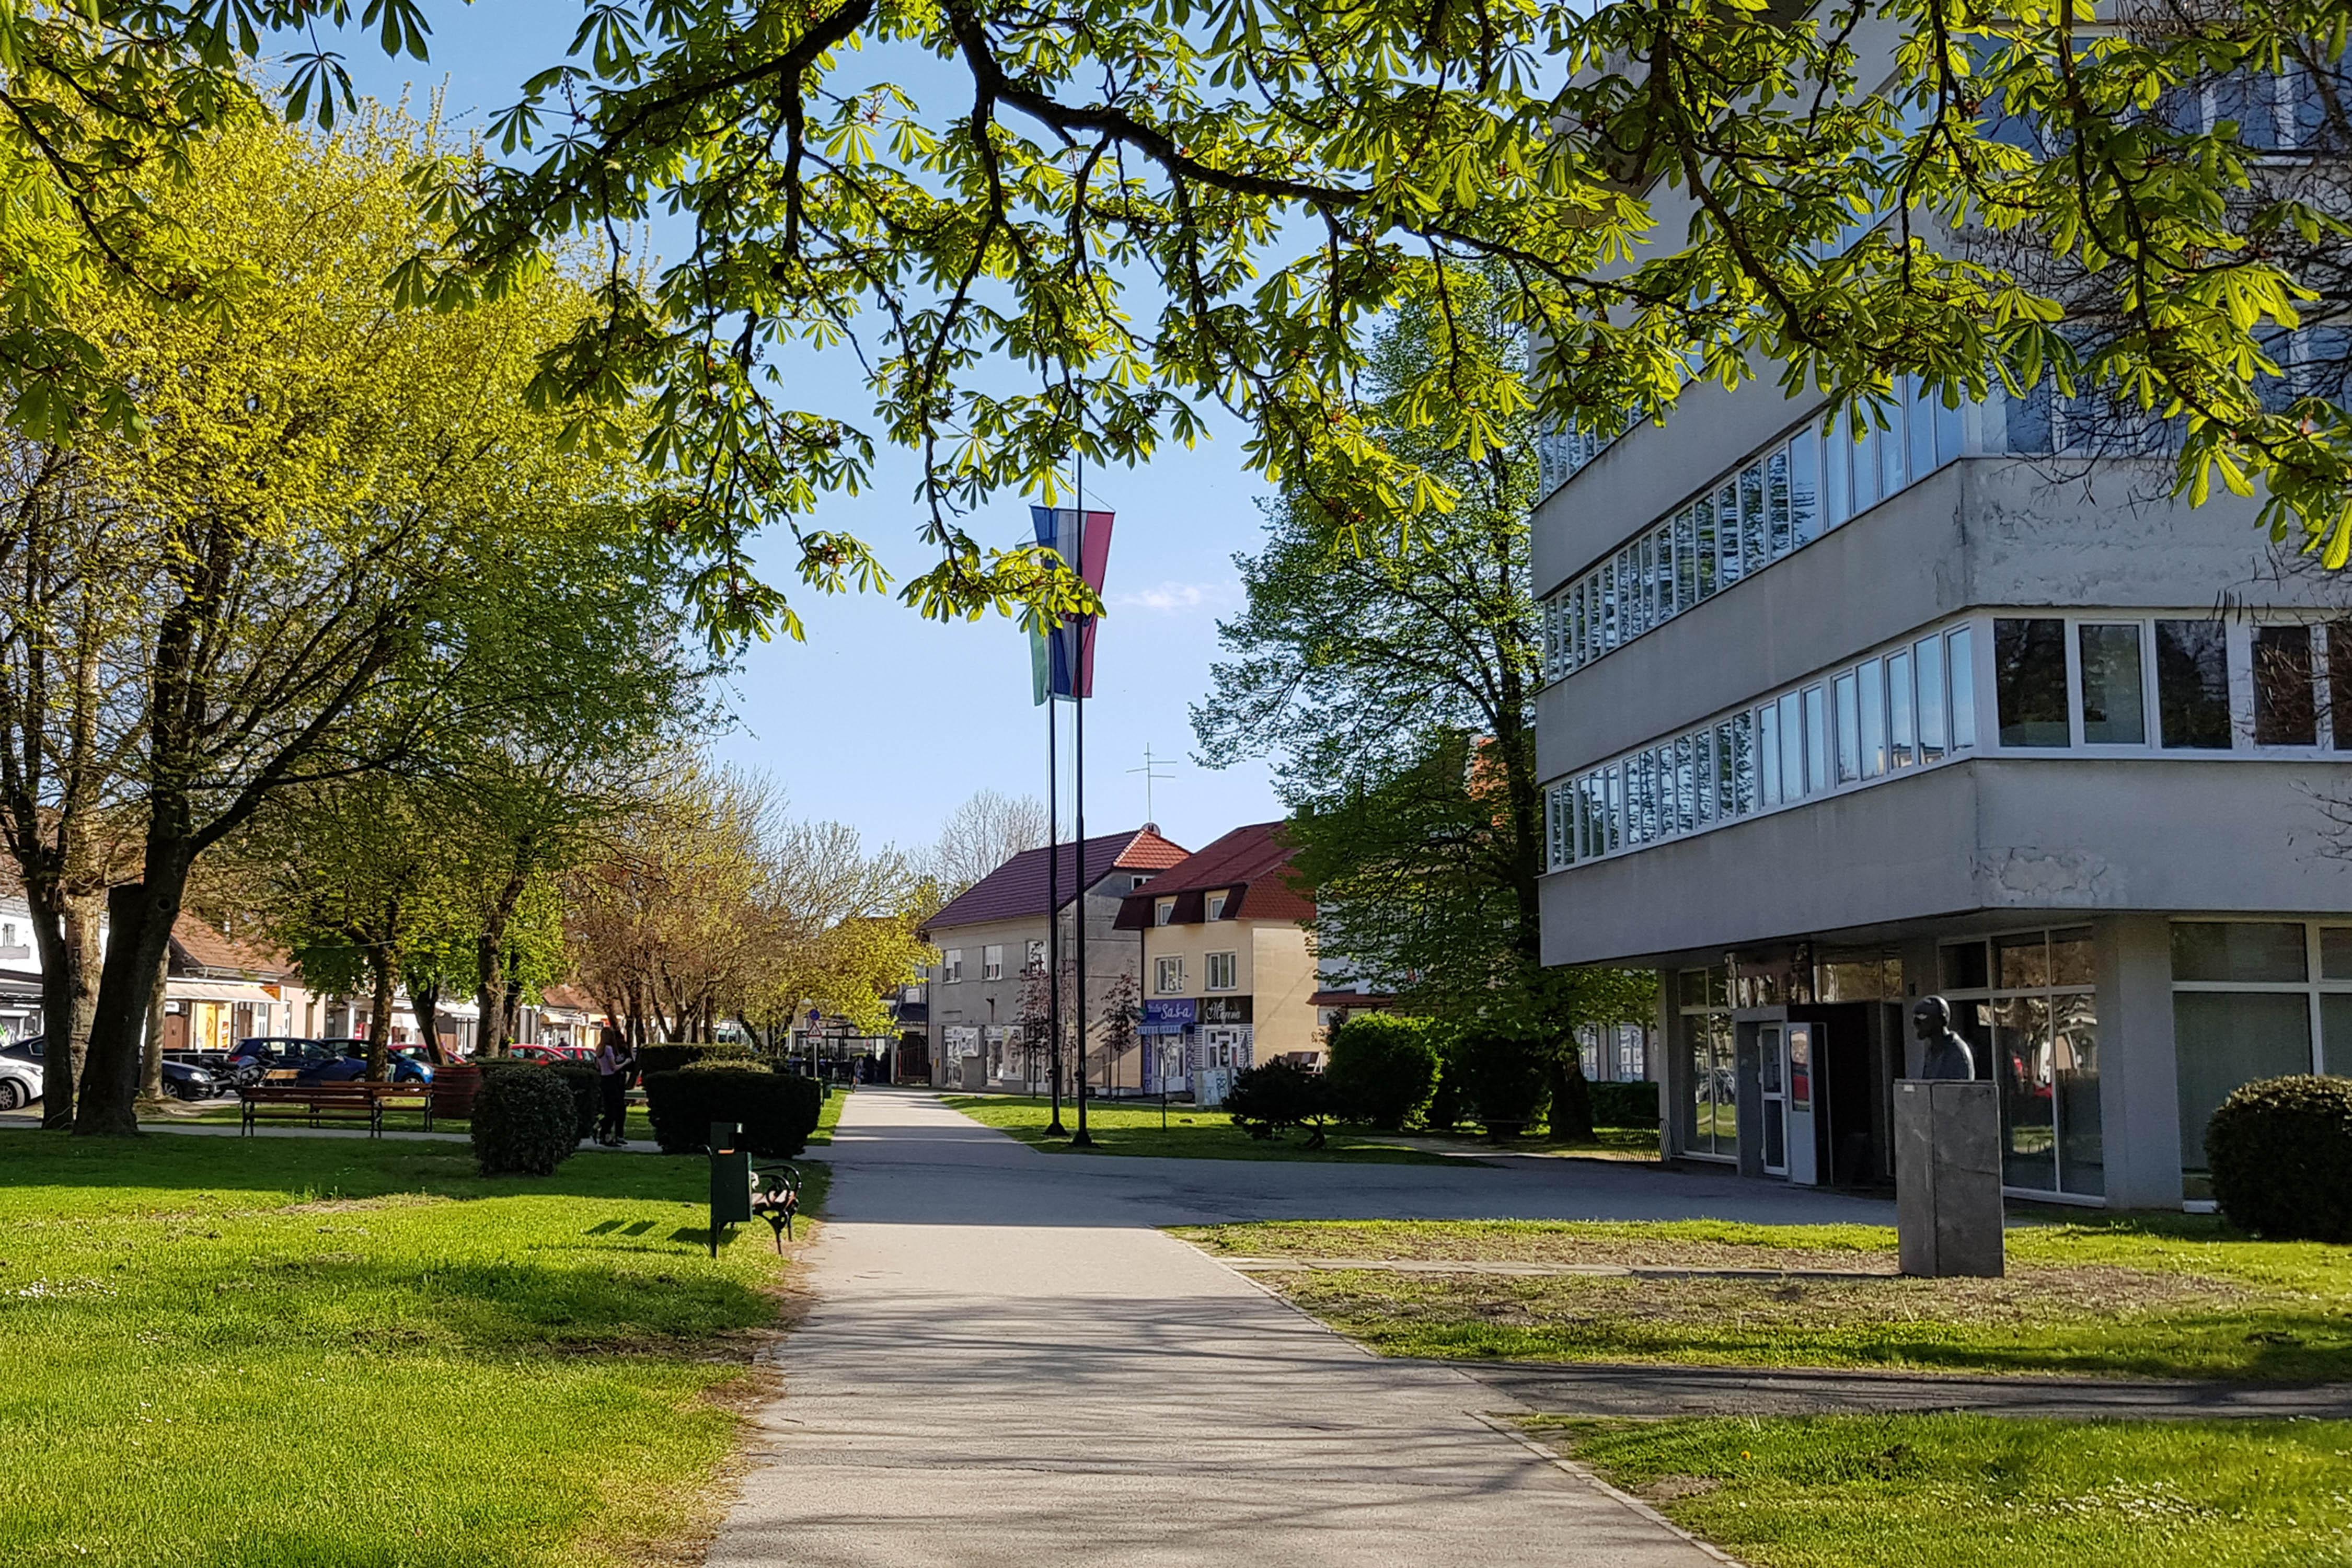 Započela izrada Izvješća o stanju u prostoru Grada Ivanić-Grada 1